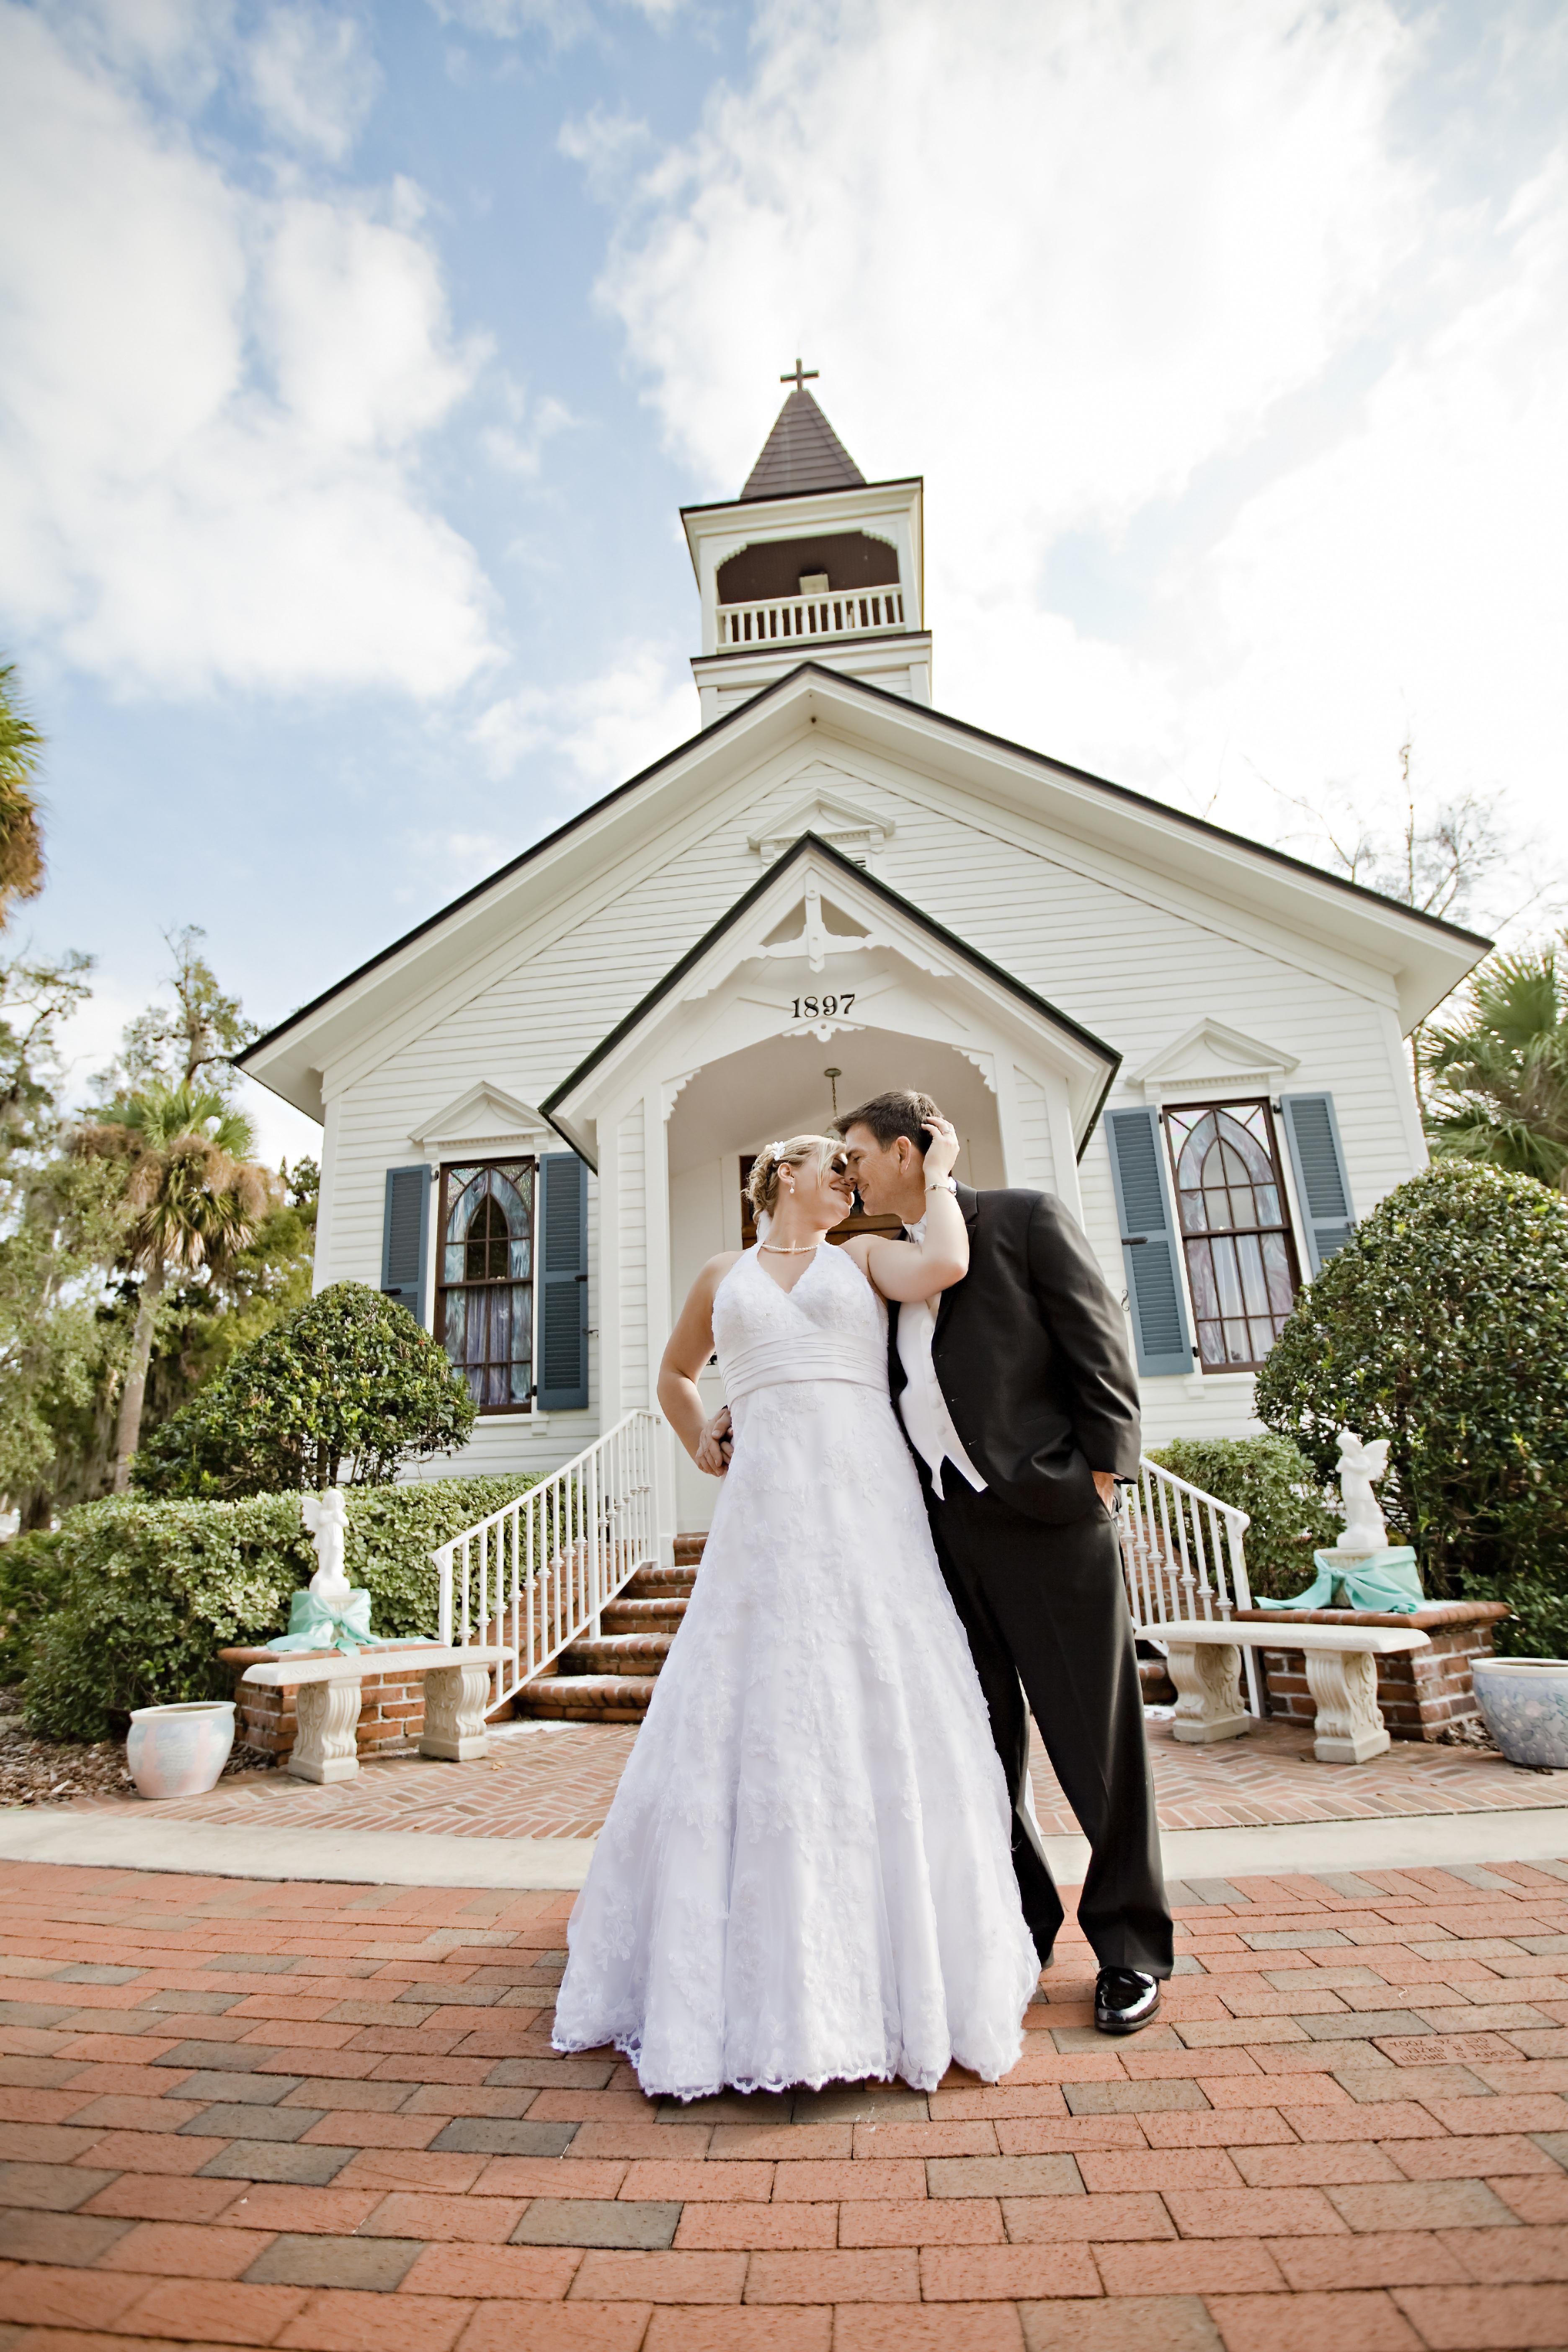 Gambar : wanita, gereja, pernikahan, gaun pengantin, pengantin